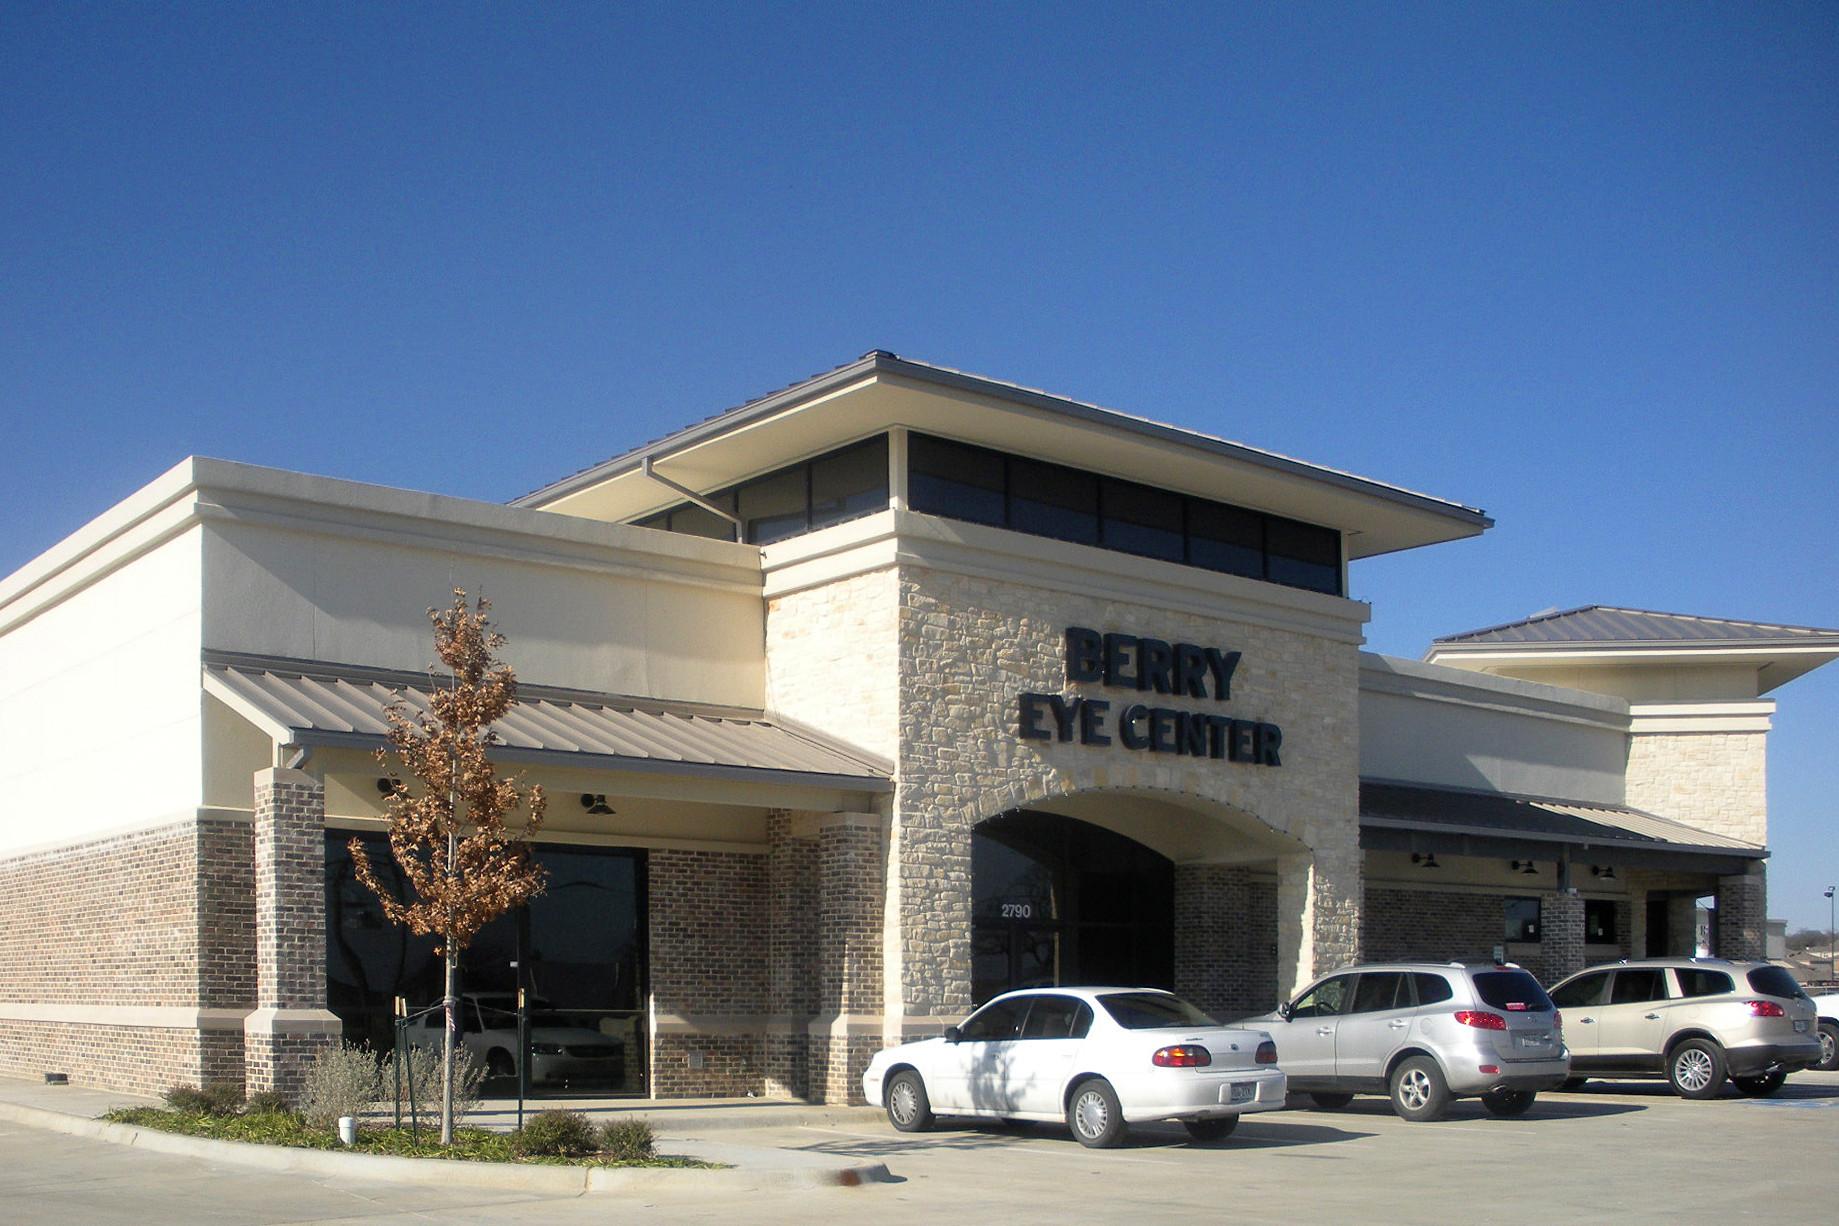 Texas Health burleson - thr3.jpg